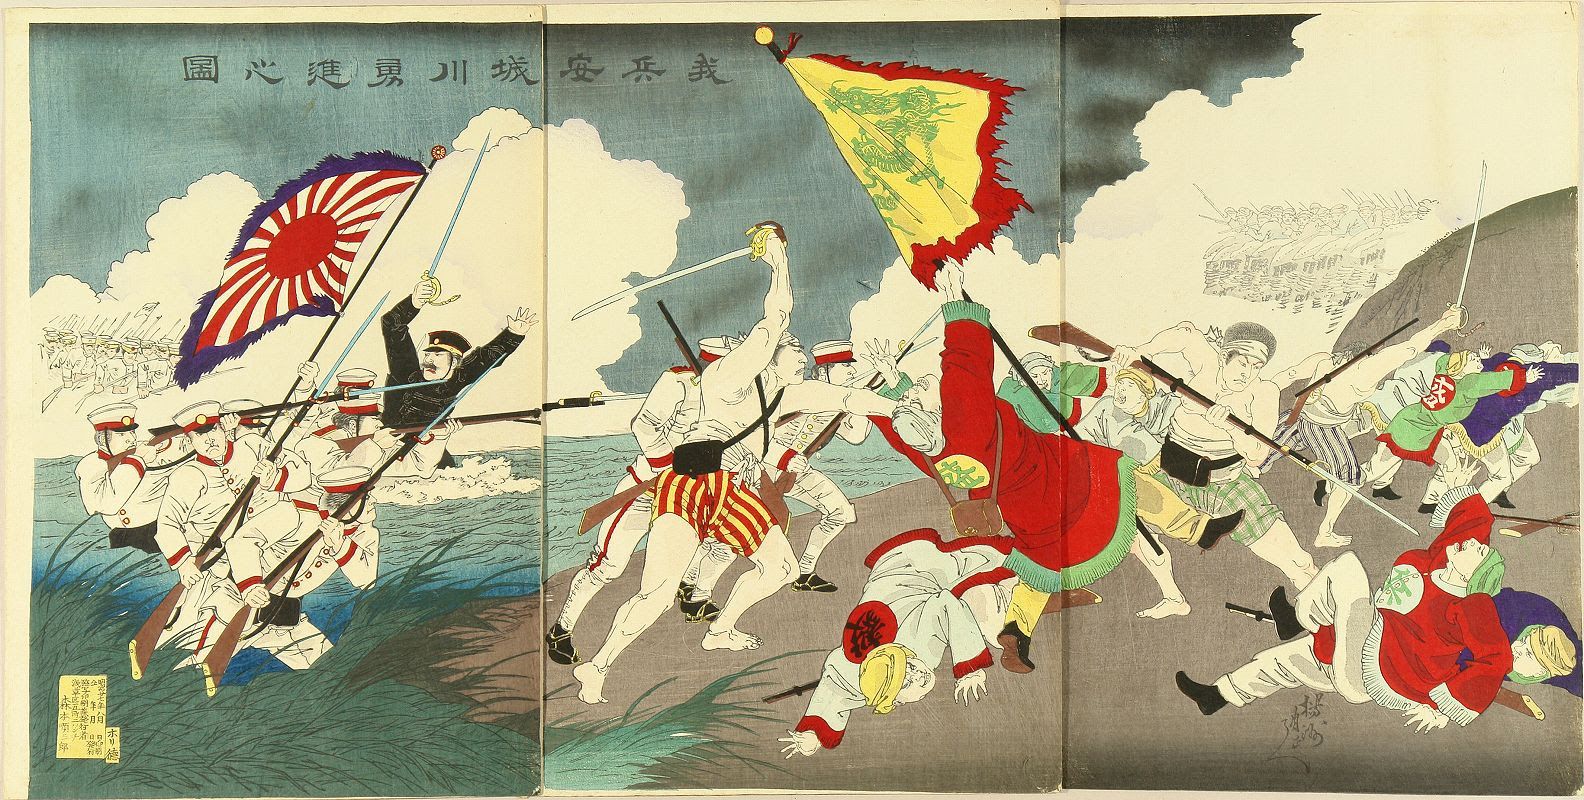 http://upload.wikimedia.org/wikipedia/commons/6/6f/Y%C5%8Dsh%C5%AB_Chikanobu_Sino-Japanese_War.jpg